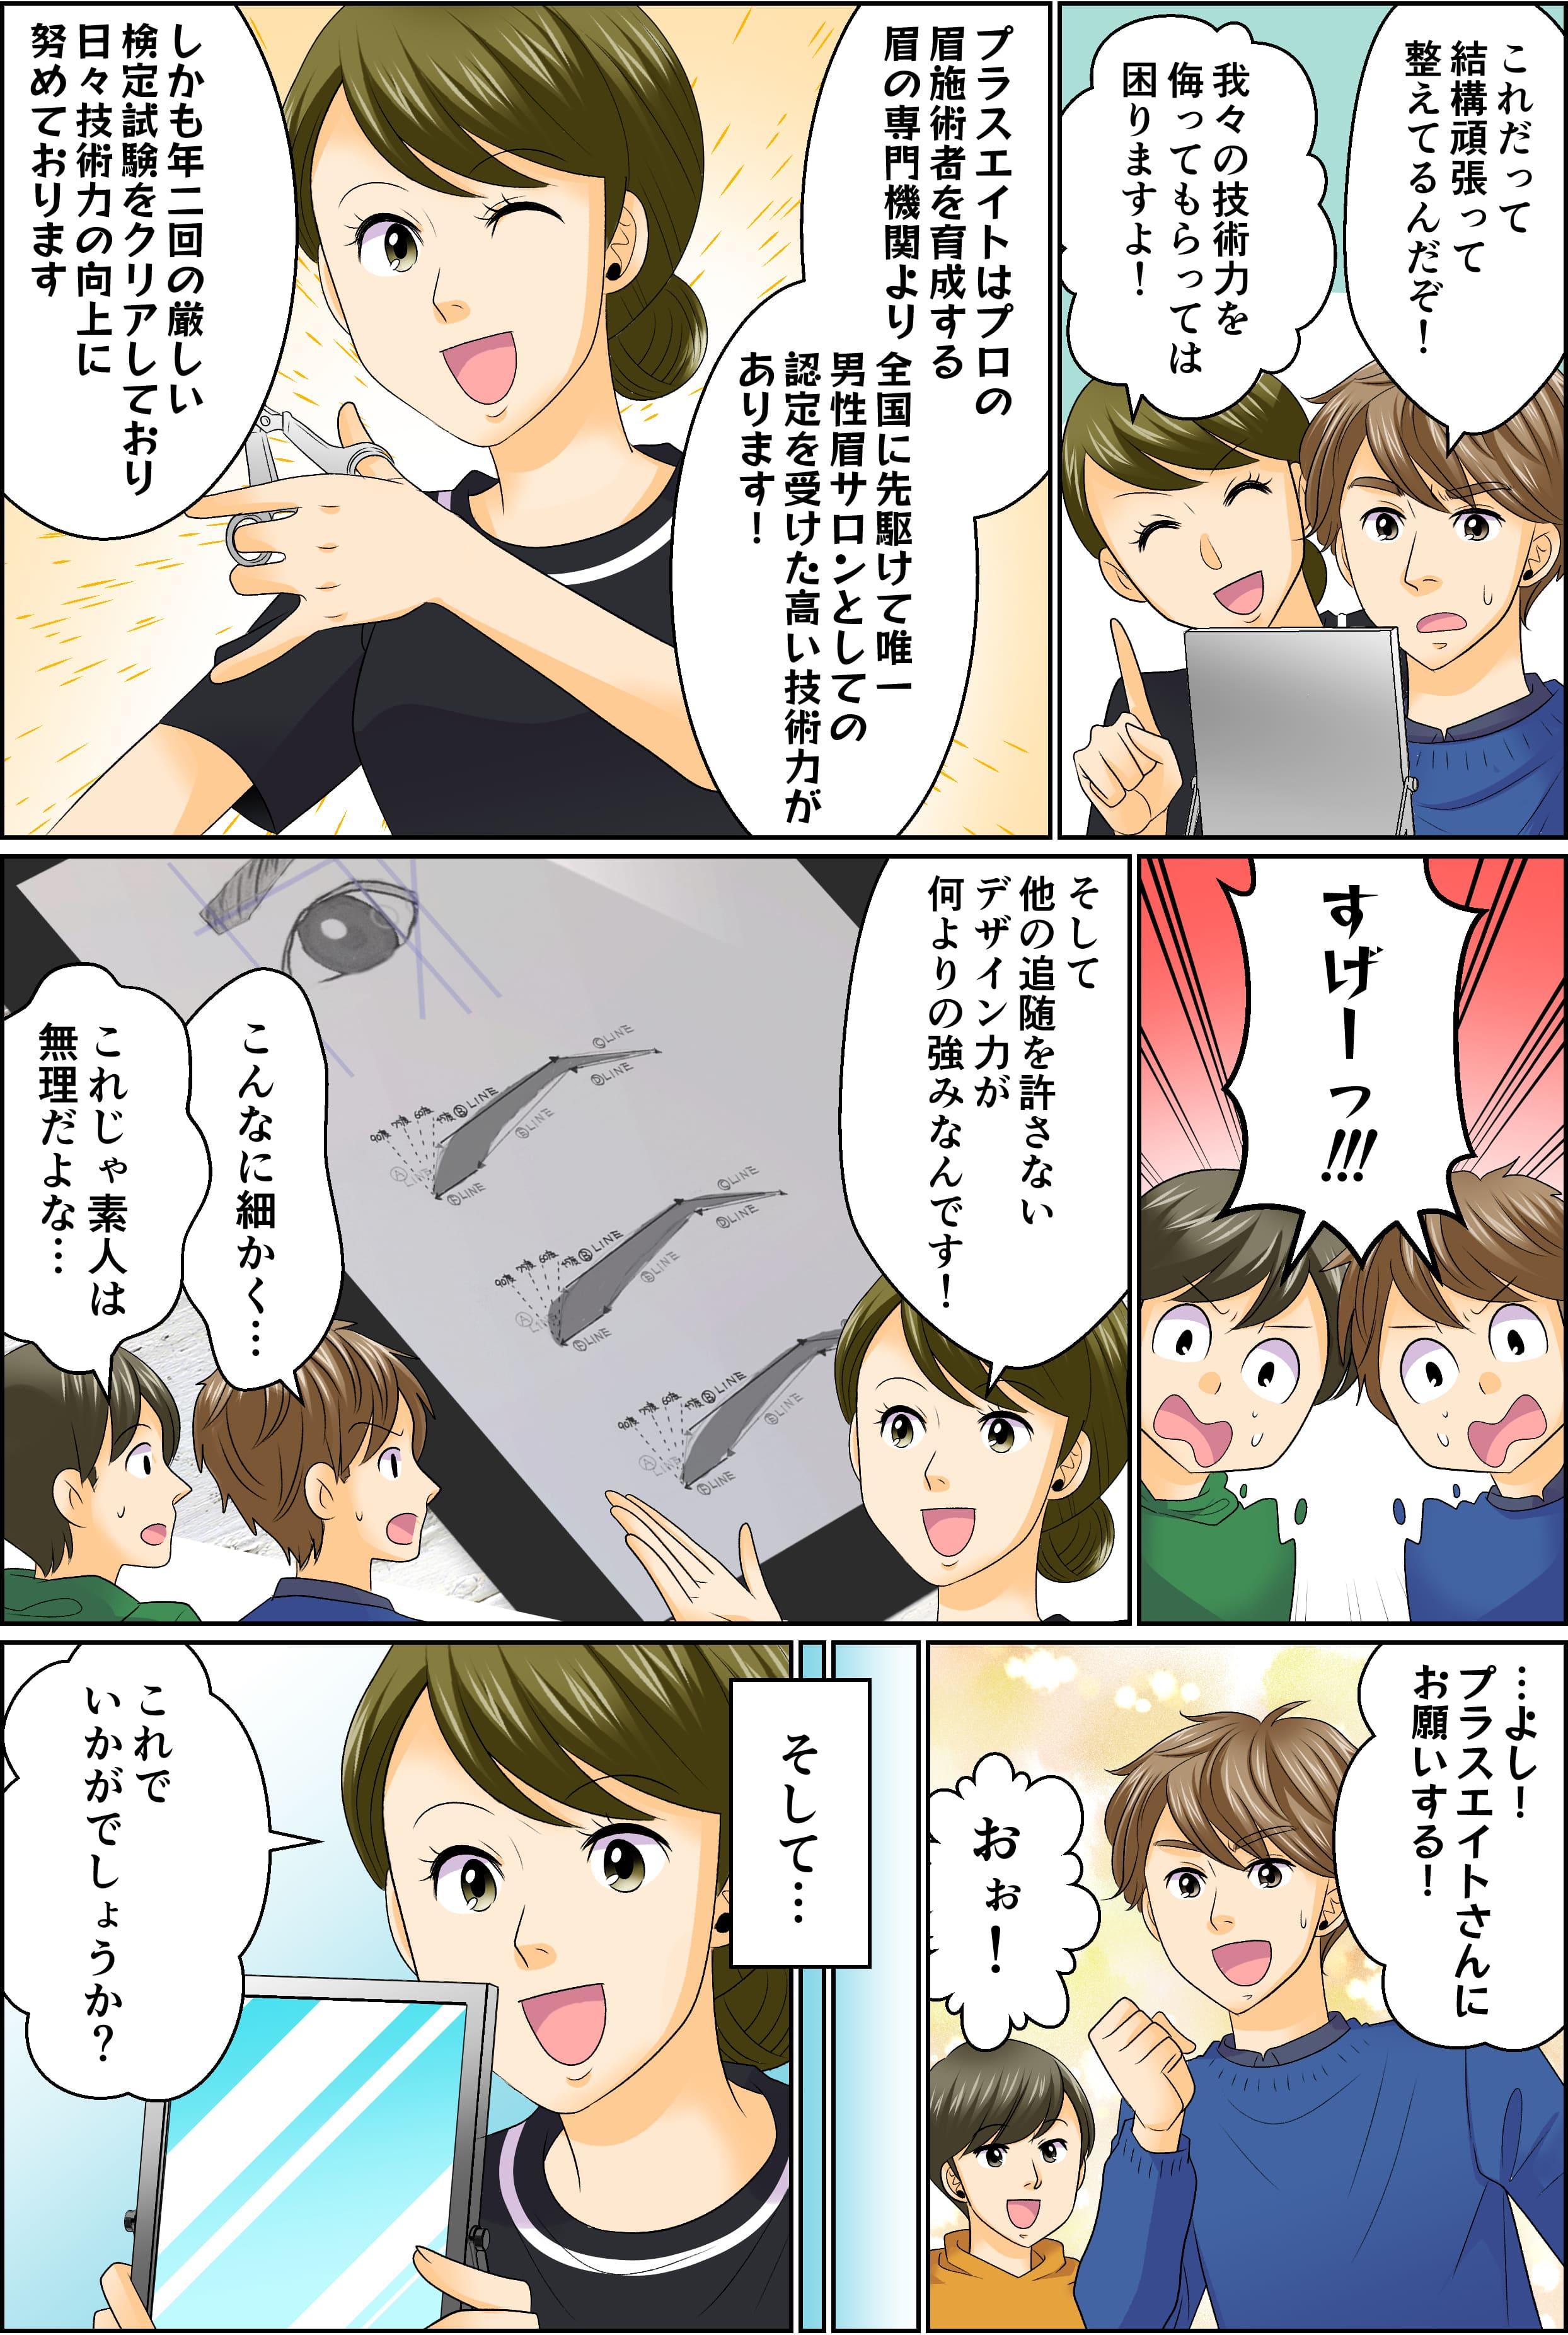 眉毛施術【自分にふさわしい】4